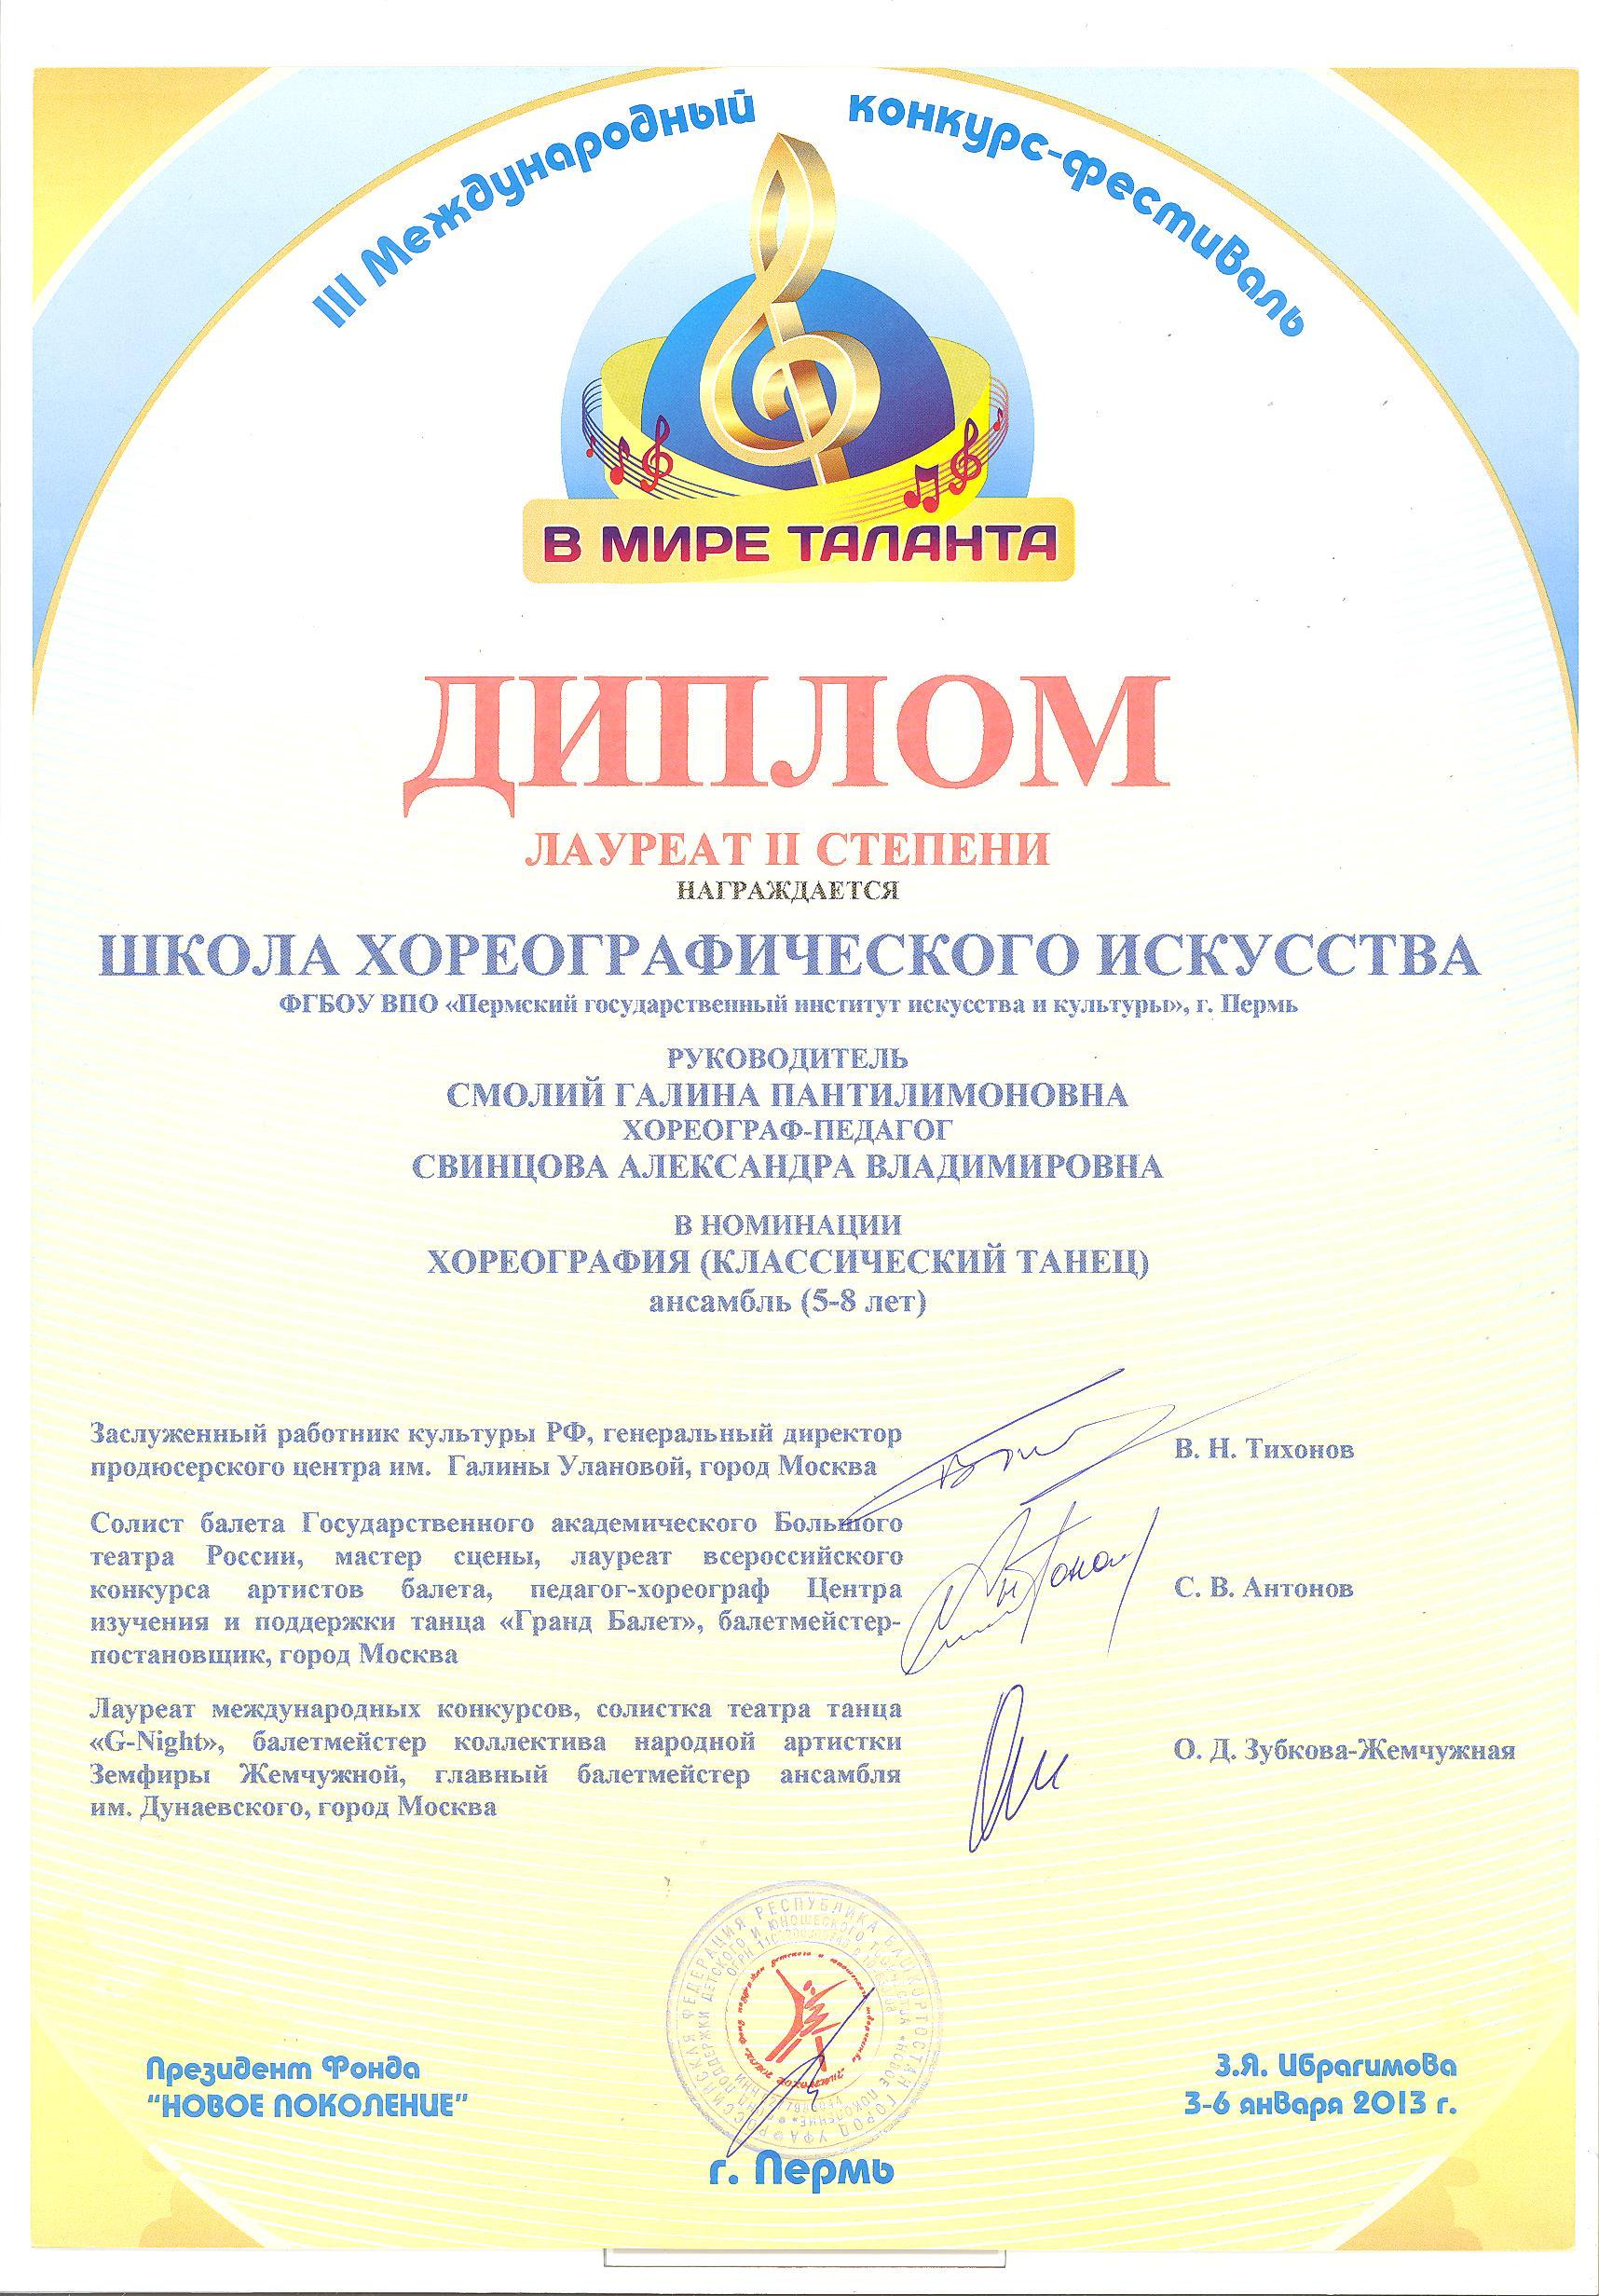 Дипломы - 2013г. 015.jpg